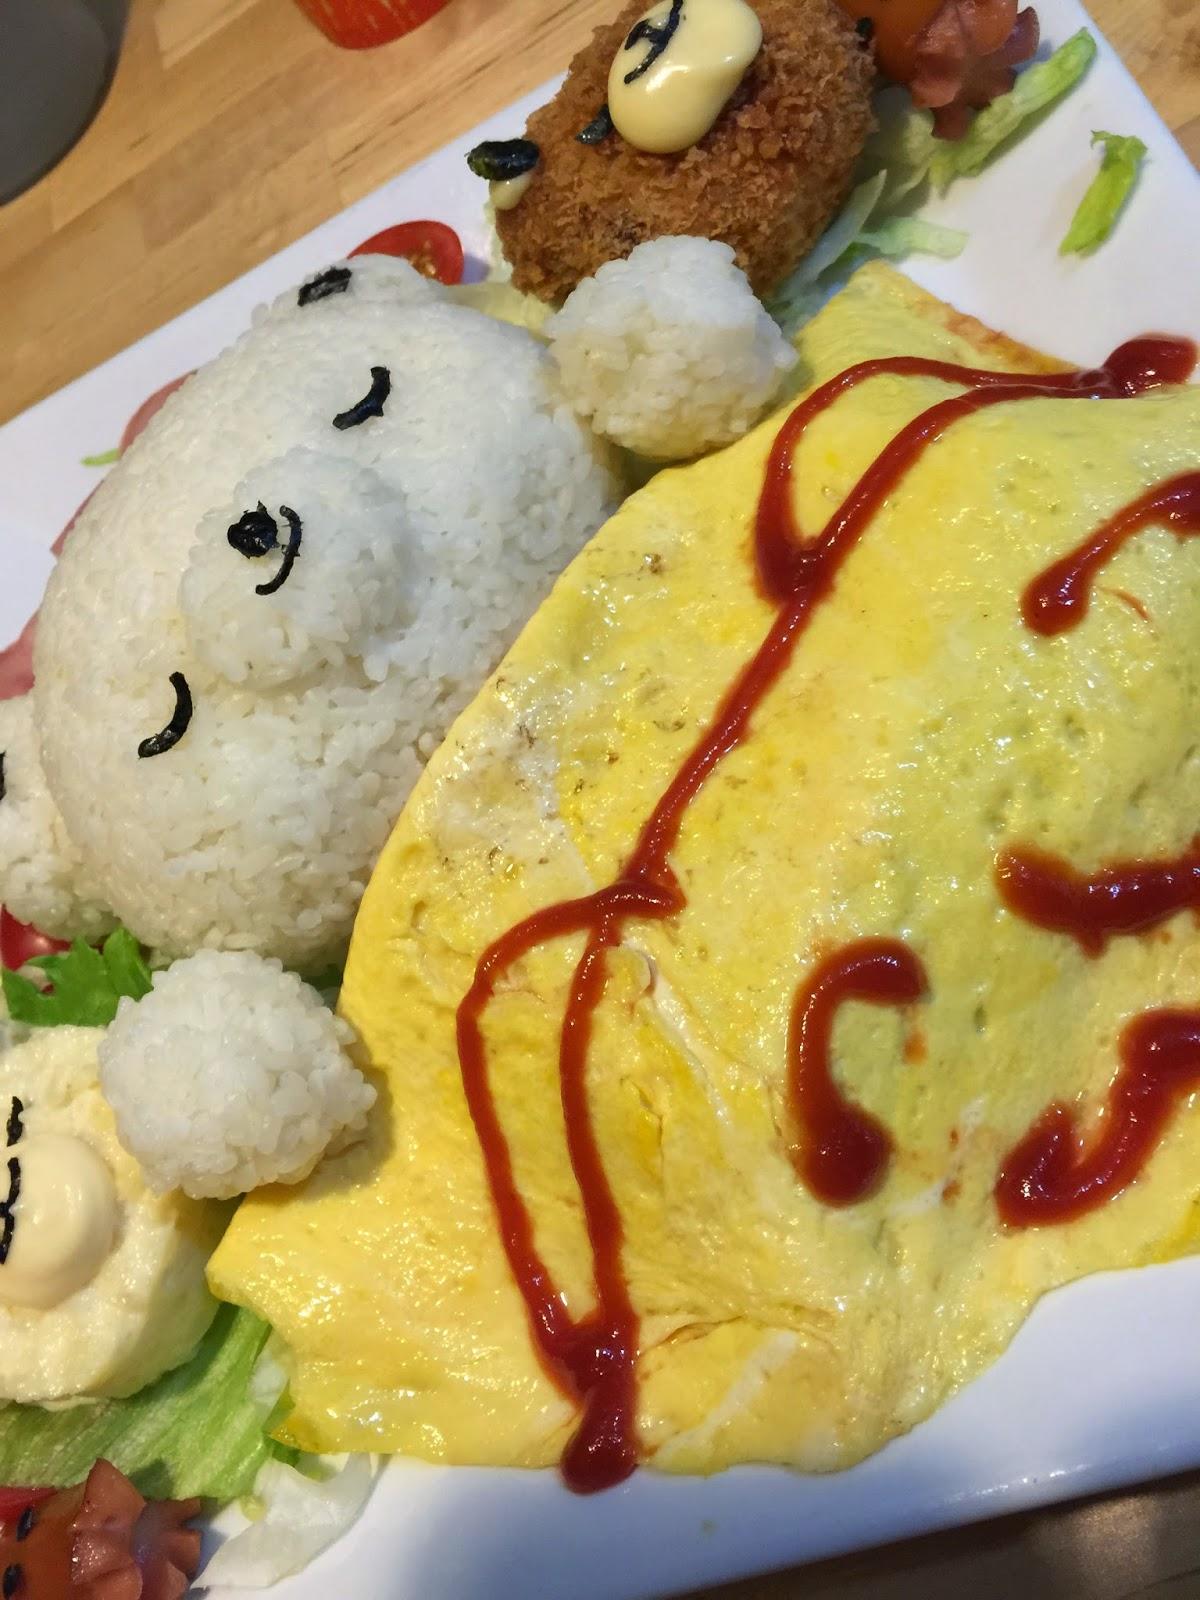 九龍 旺角 J-Point CAFE 全日點喫茶店 大人的兒童餐 甜睡的小熊家族 飯 薯餅 蛋沙津